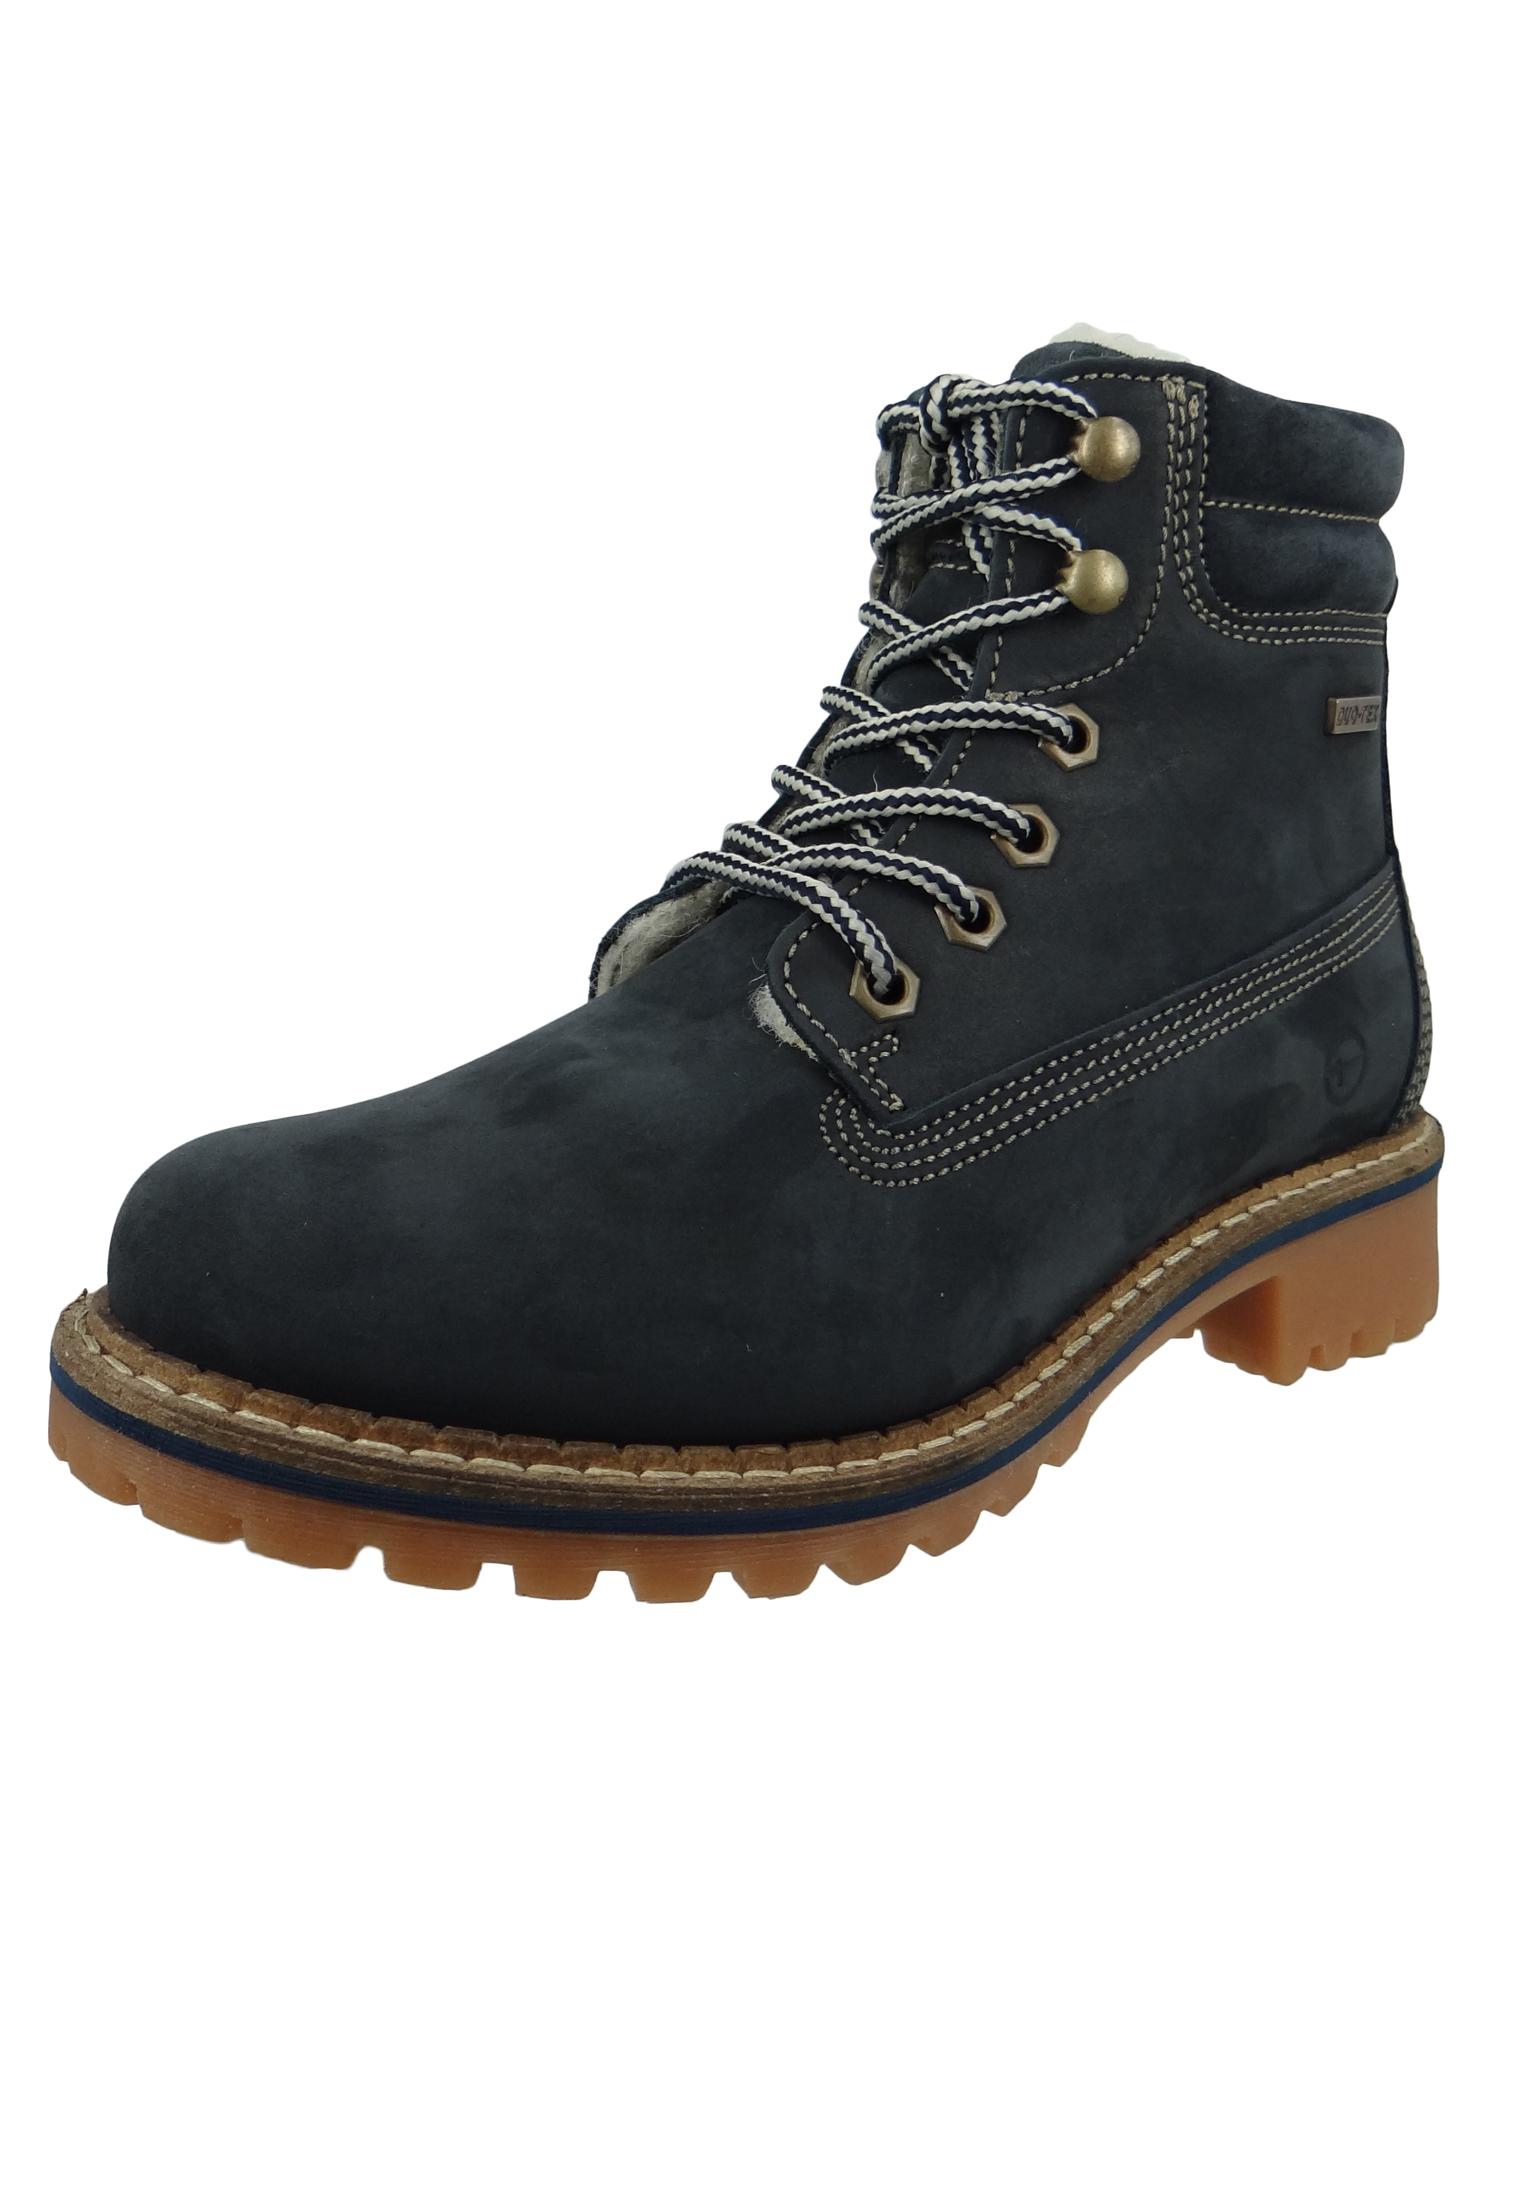 new style c3708 d62c5 Tamaris 1-26244-21 805 Damen Navy Blau Schnürstiefelette Lace-Up Boots mit  Warmfutter